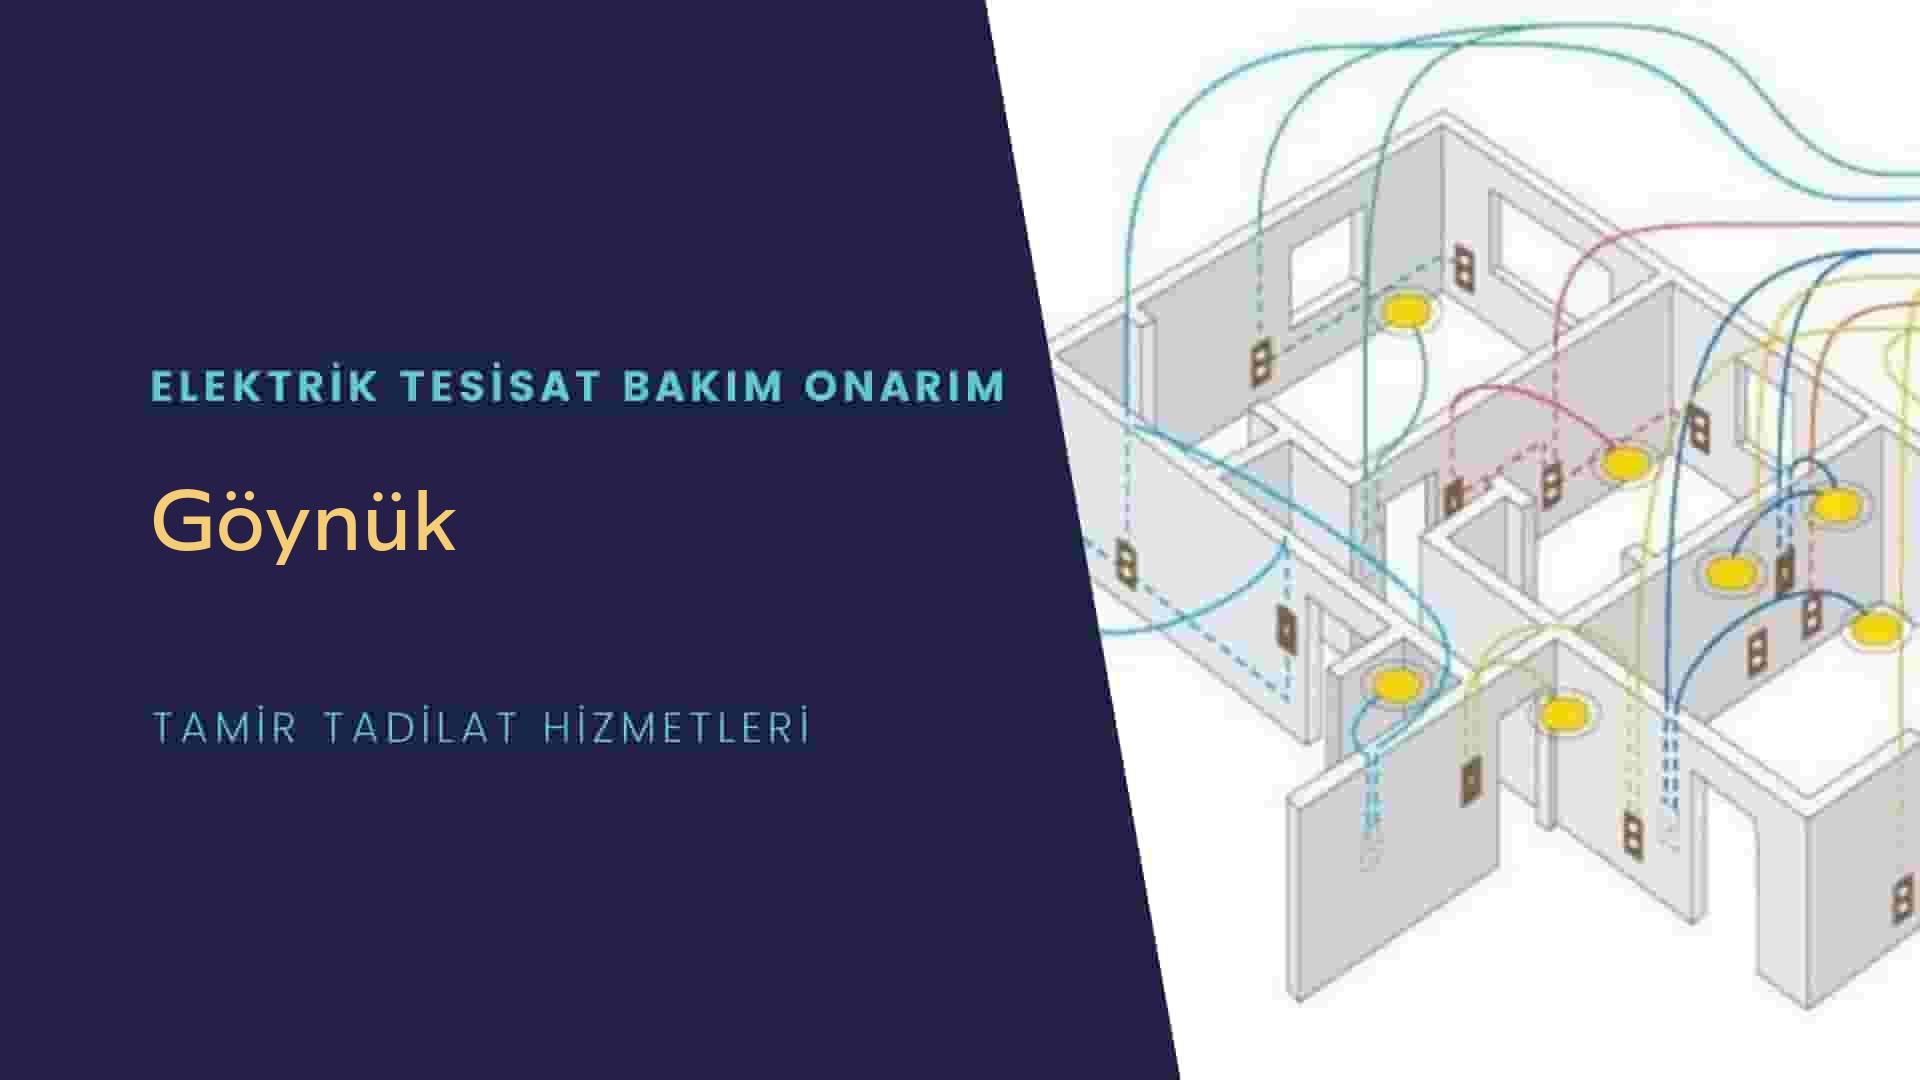 Göynük'te elektrik tesisatıustalarımı arıyorsunuz doğru adrestenizi Göynük elektrik tesisatı ustalarımız 7/24 sizlere hizmet vermekten mutluluk duyar.